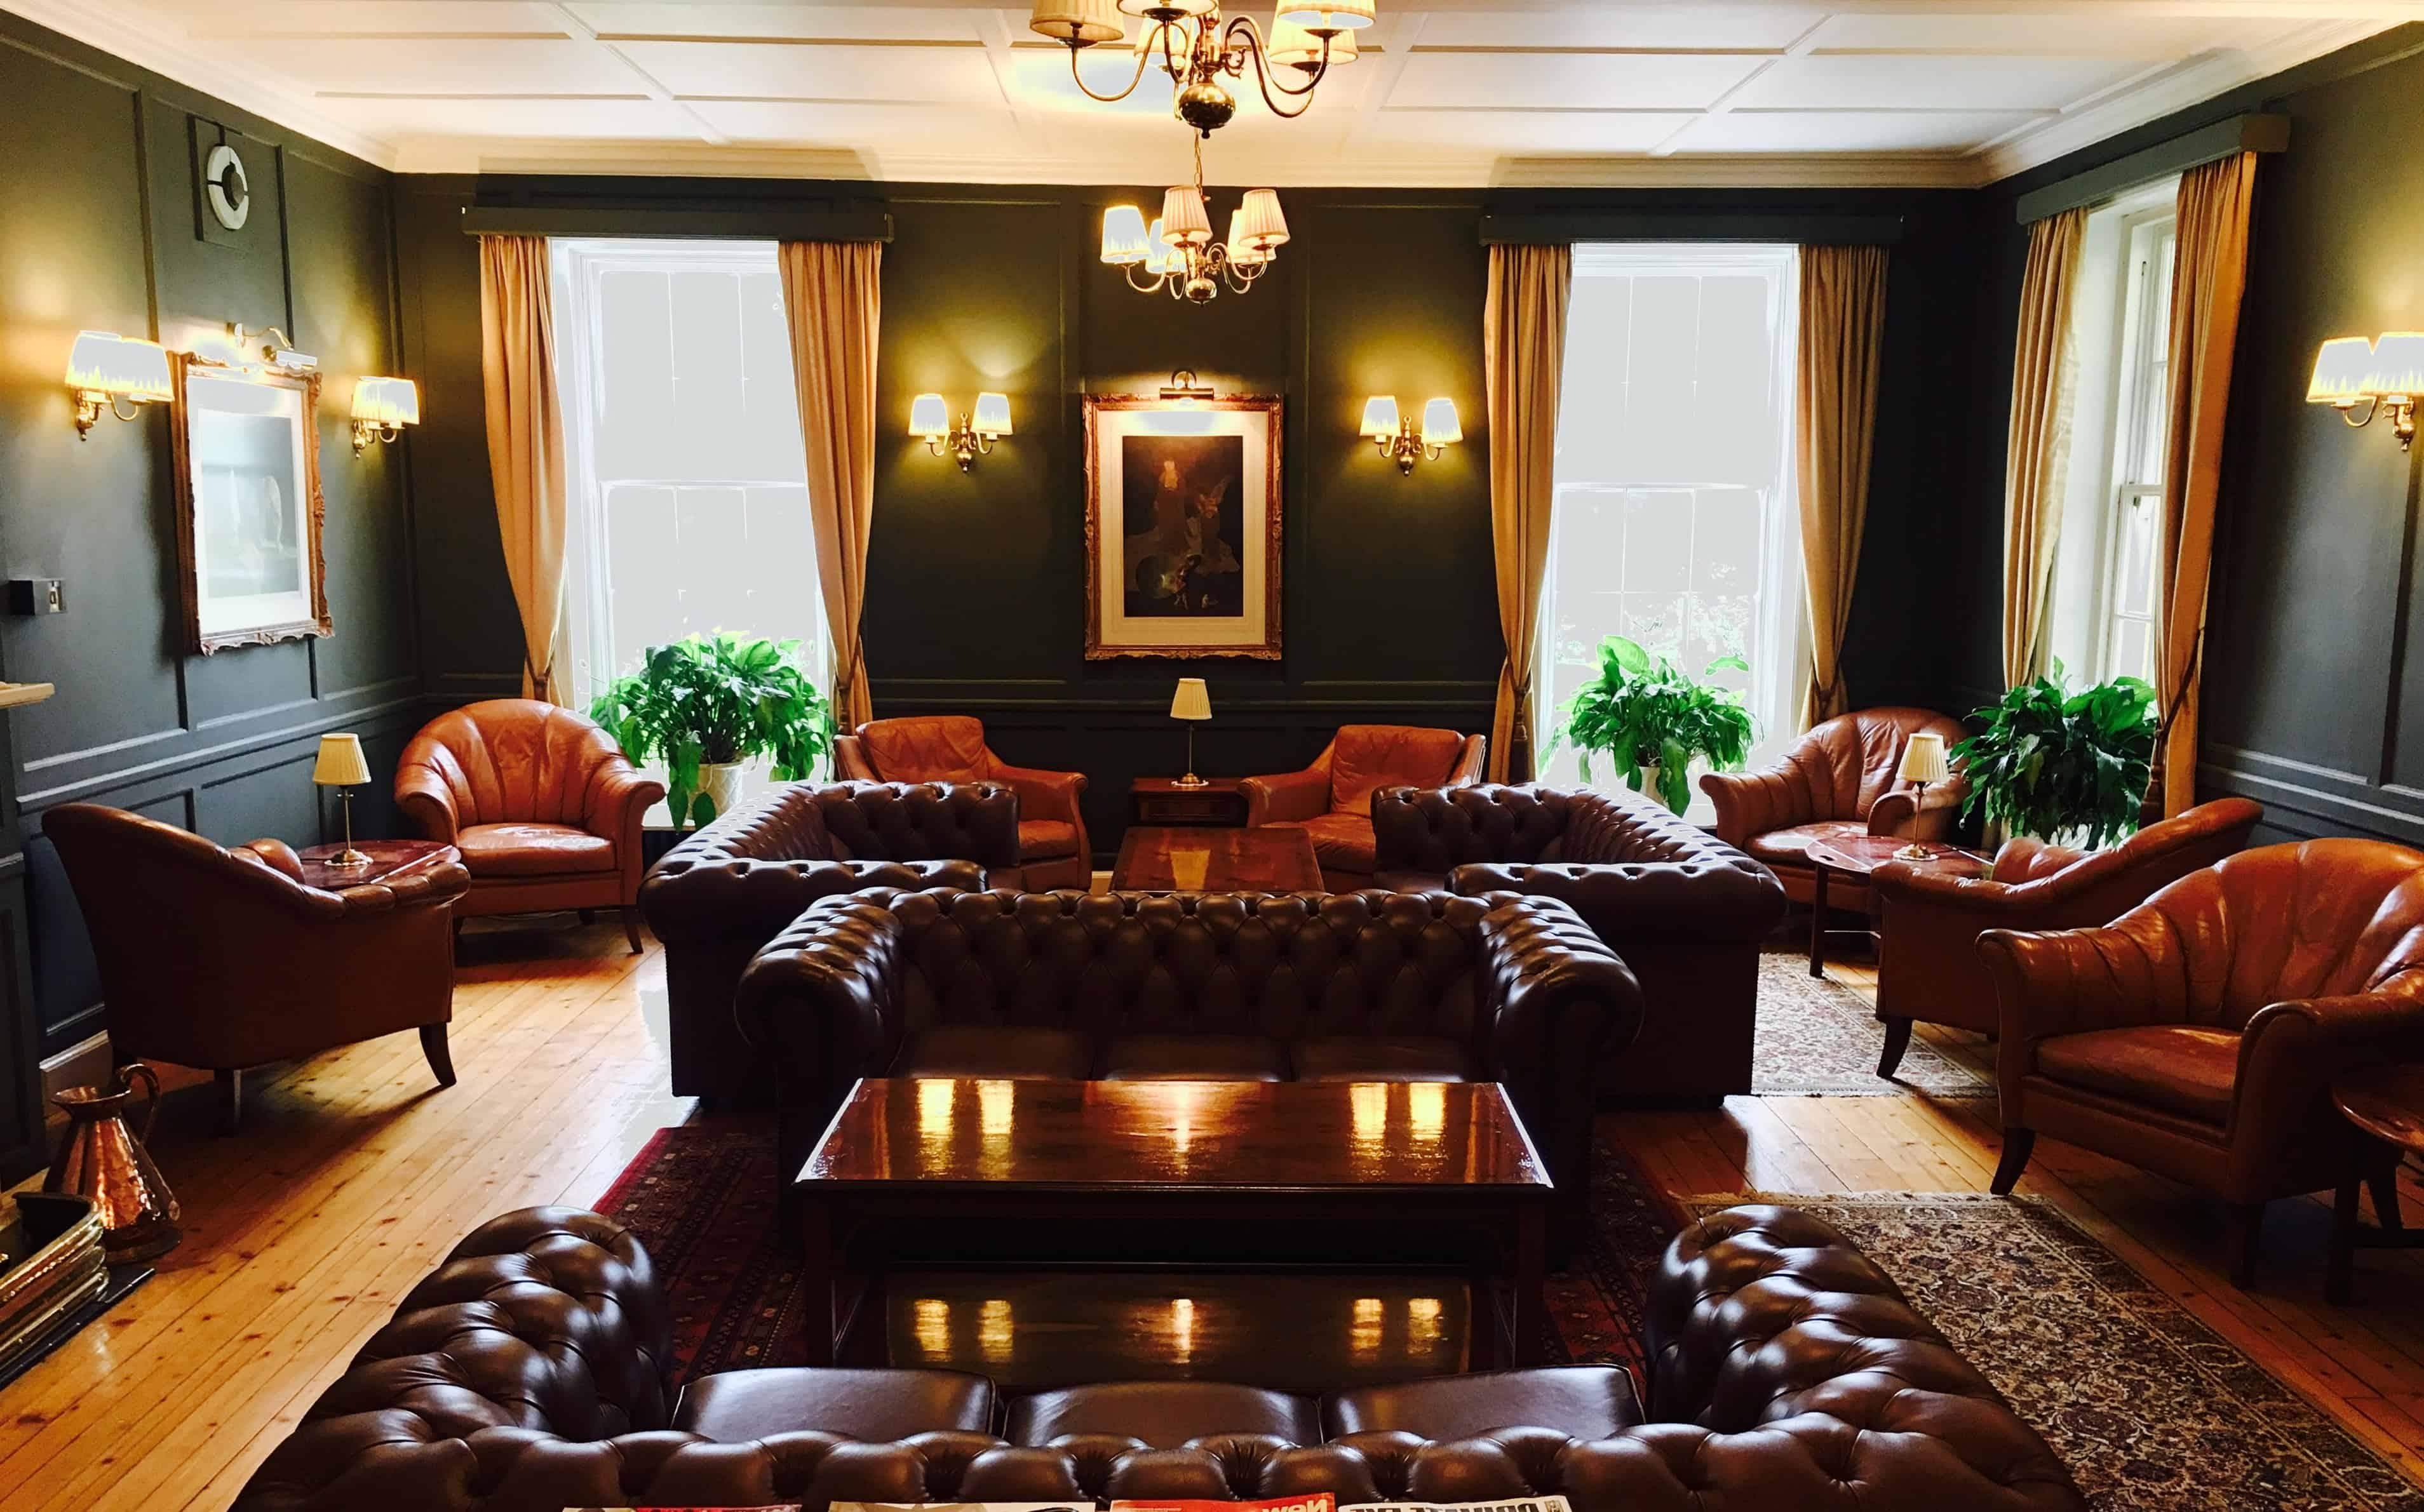 Progettazione Dinterni Gratis : Foto gratis: appartamento divano decorazione di interni sedia